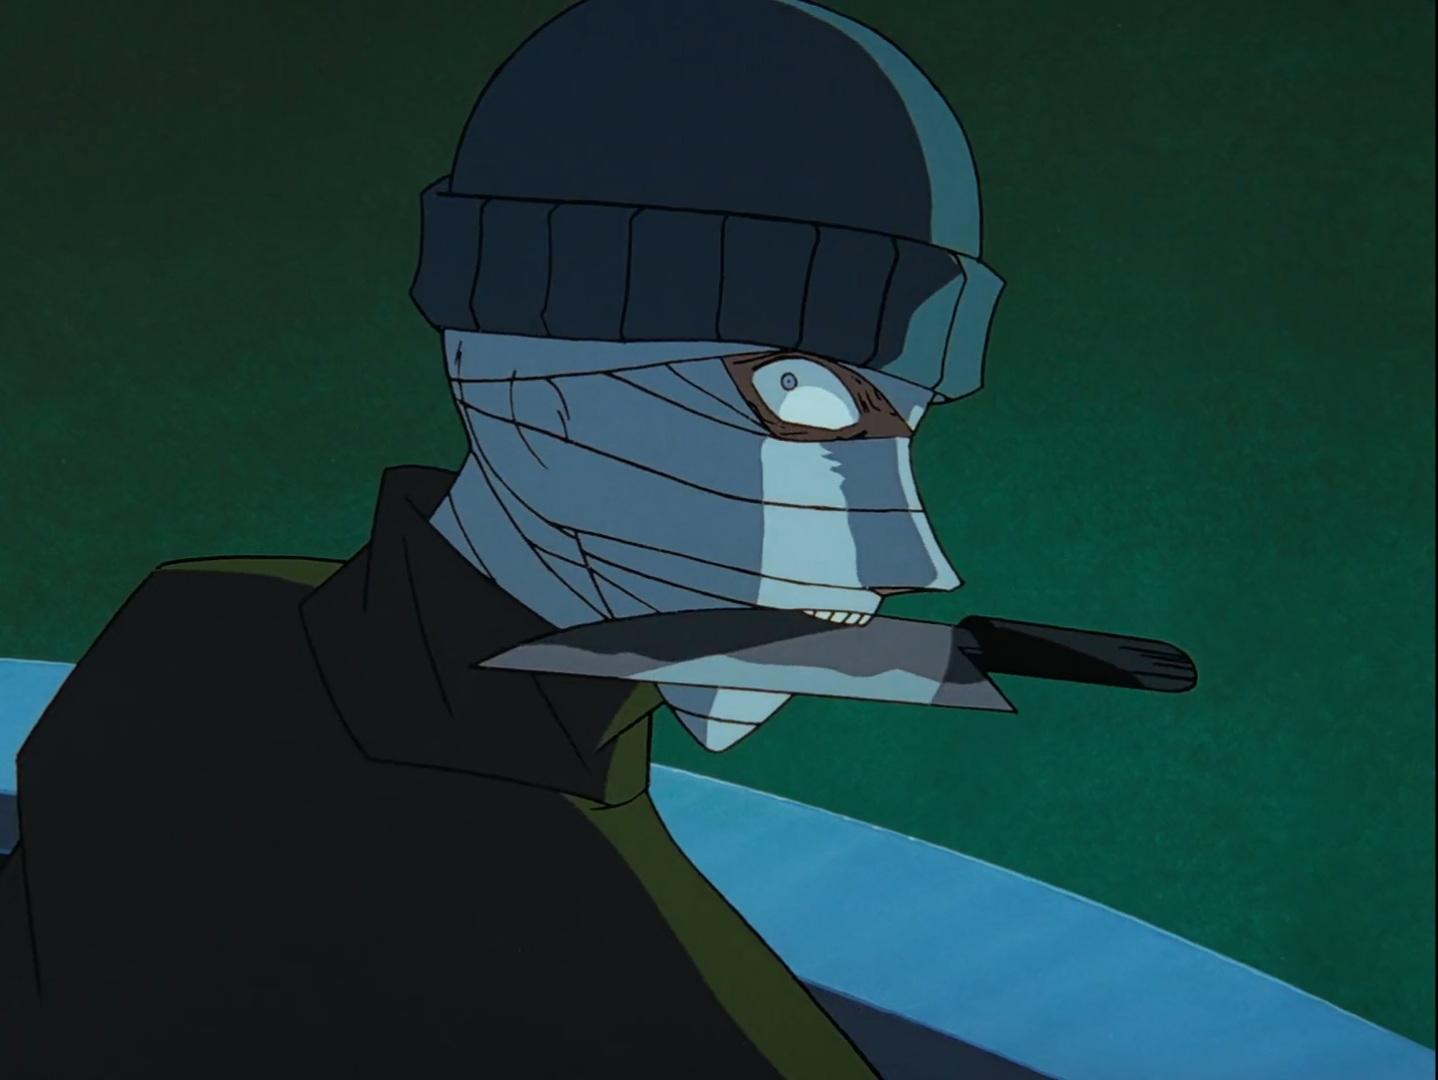 https://www.detectiveconanworld.com/wiki/images/2/20/TV_Episode_77-78.jpg